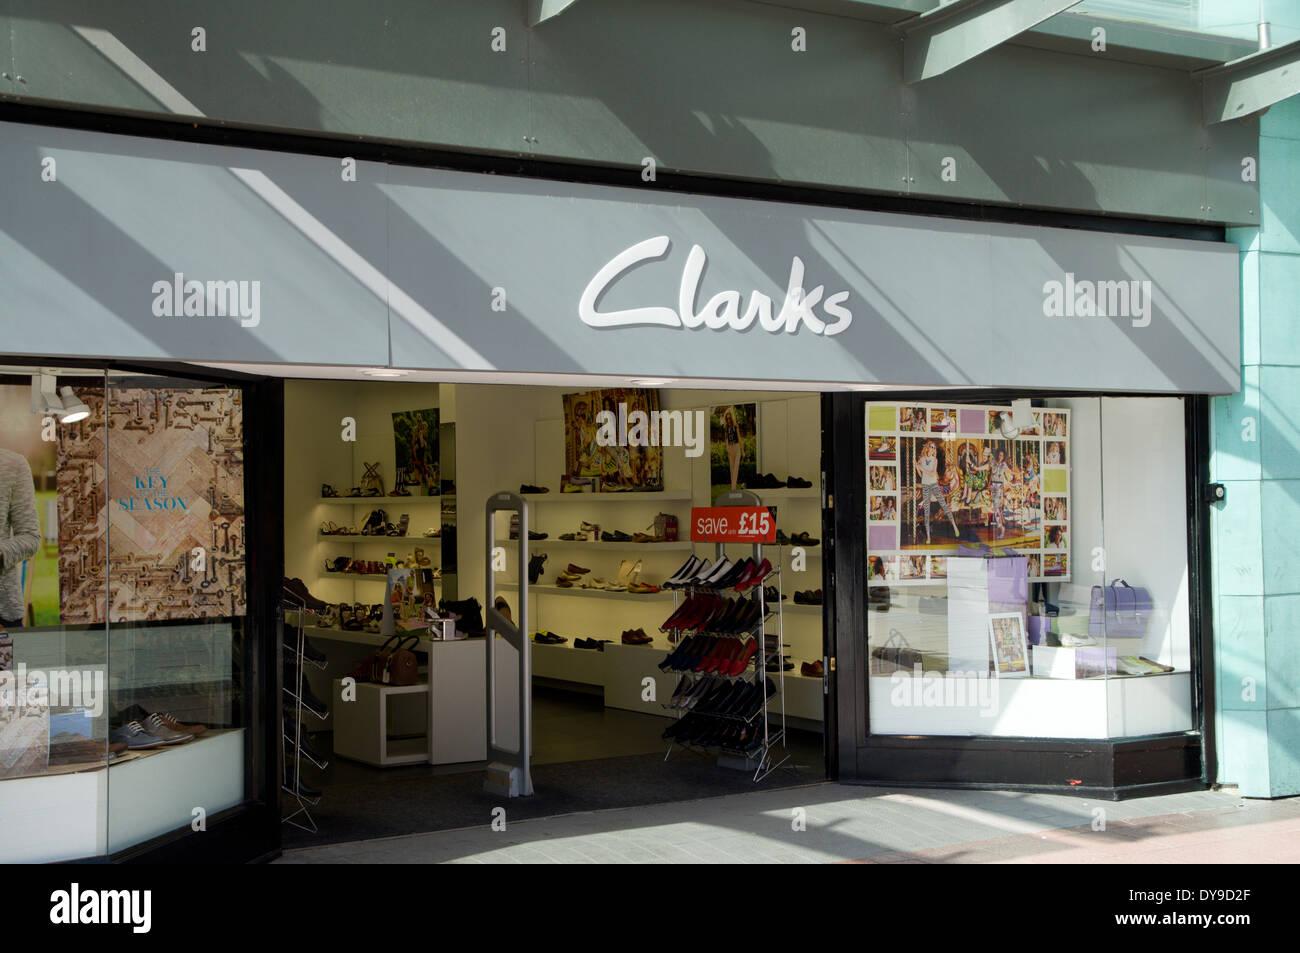 e6381615b82ceb Clarks Outlet Centre Stock Photos   Clarks Outlet Centre Stock ...